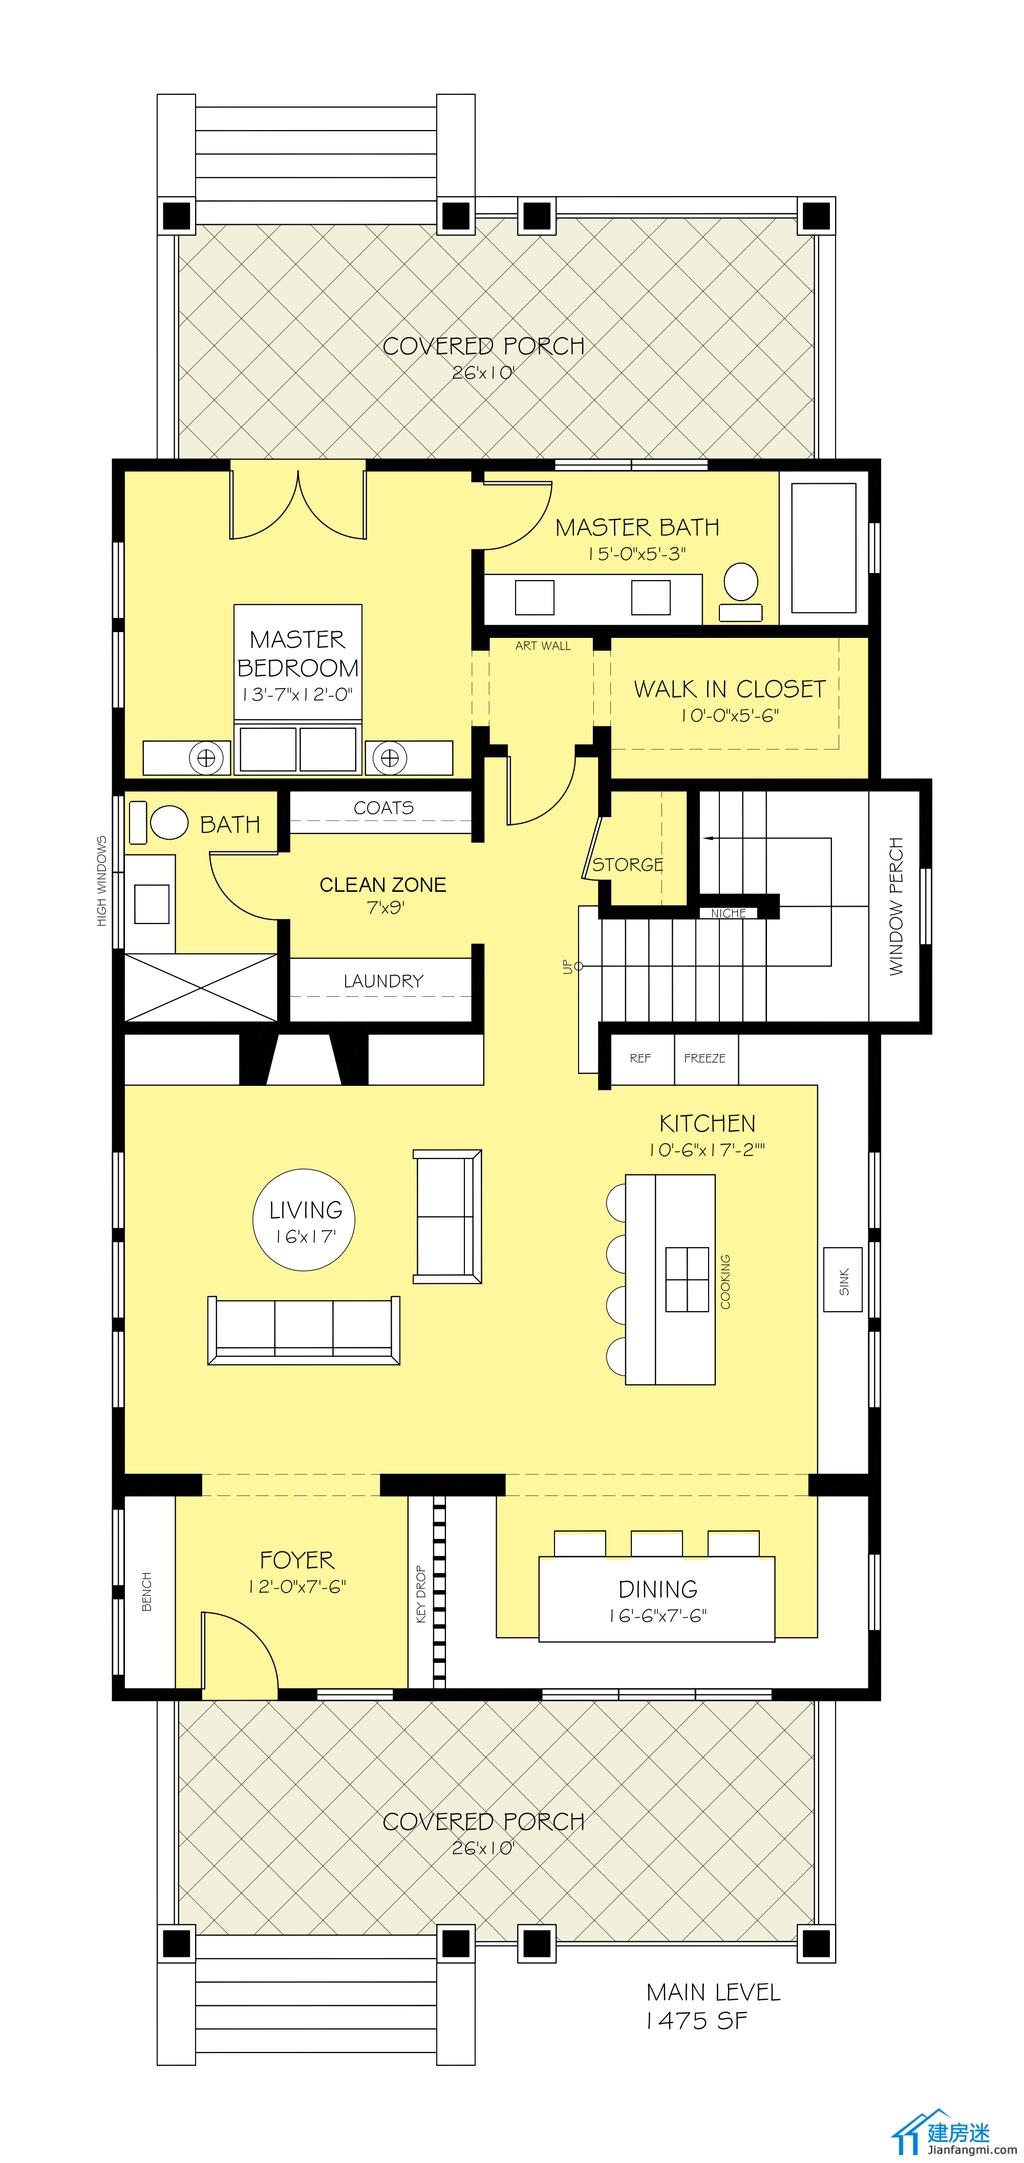 今天分享的这套别墅设计图算是比较清新的风格的。 图纸基本情况是面宽9米,深度18米,然后两层地面,地下一层的设计。 一楼的基本情况是主卧室,起居室,厨房以及餐厅。 二楼是两个房间,一个书房,另外比较有意思的是阳台可以摆两个室外的床。 下面我们一张一张来看这套别墅的设计图 一楼南面进门后是起居室,厨房以及餐厅,然后中间部分是公用的卫生间,以及楼梯,北面是主卧室以及主卫生间还有衣帽间  二楼整个主卧部分就是做成了外阳台的方式,然后中间是书房以及楼梯,南面就是两个客卧室。  新农村自建房设计图两层9米X18米带